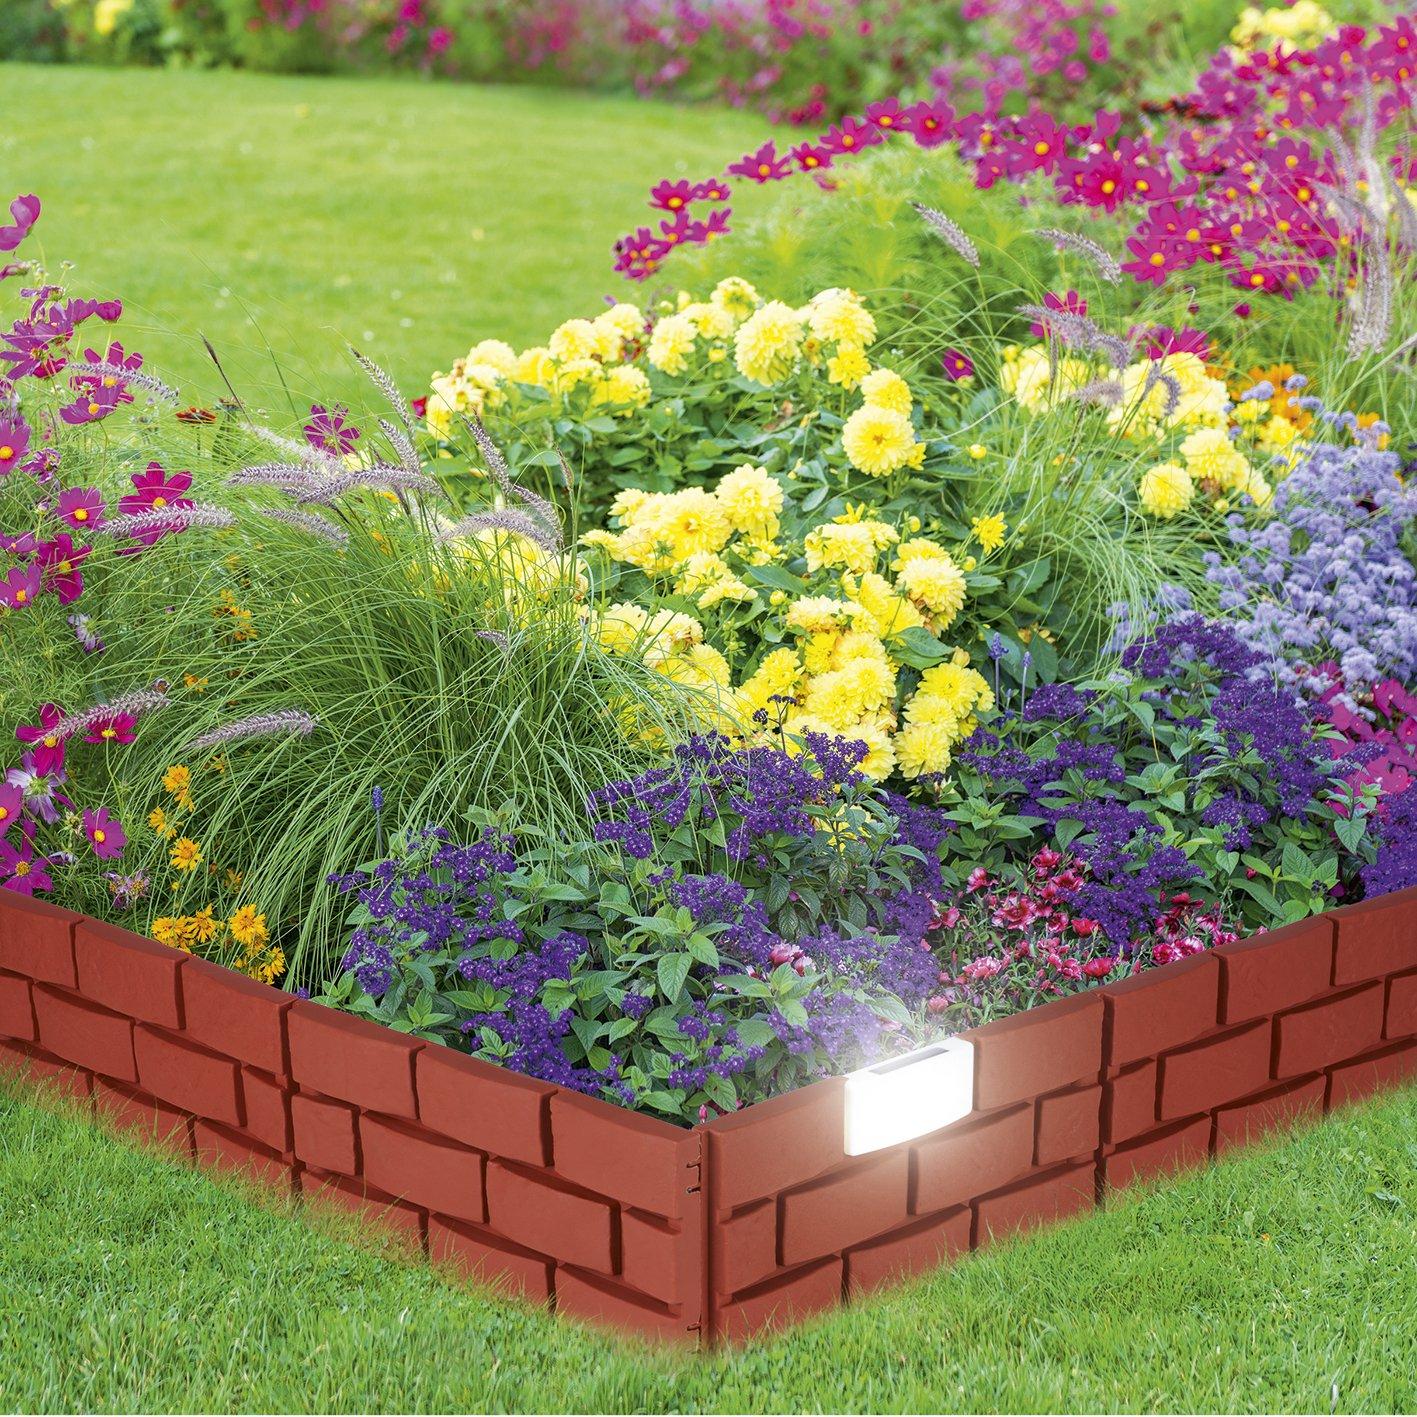 Garten Beetbegrenzung 4 er set beetbegrenzung solar licht garten beleuchtung deko by